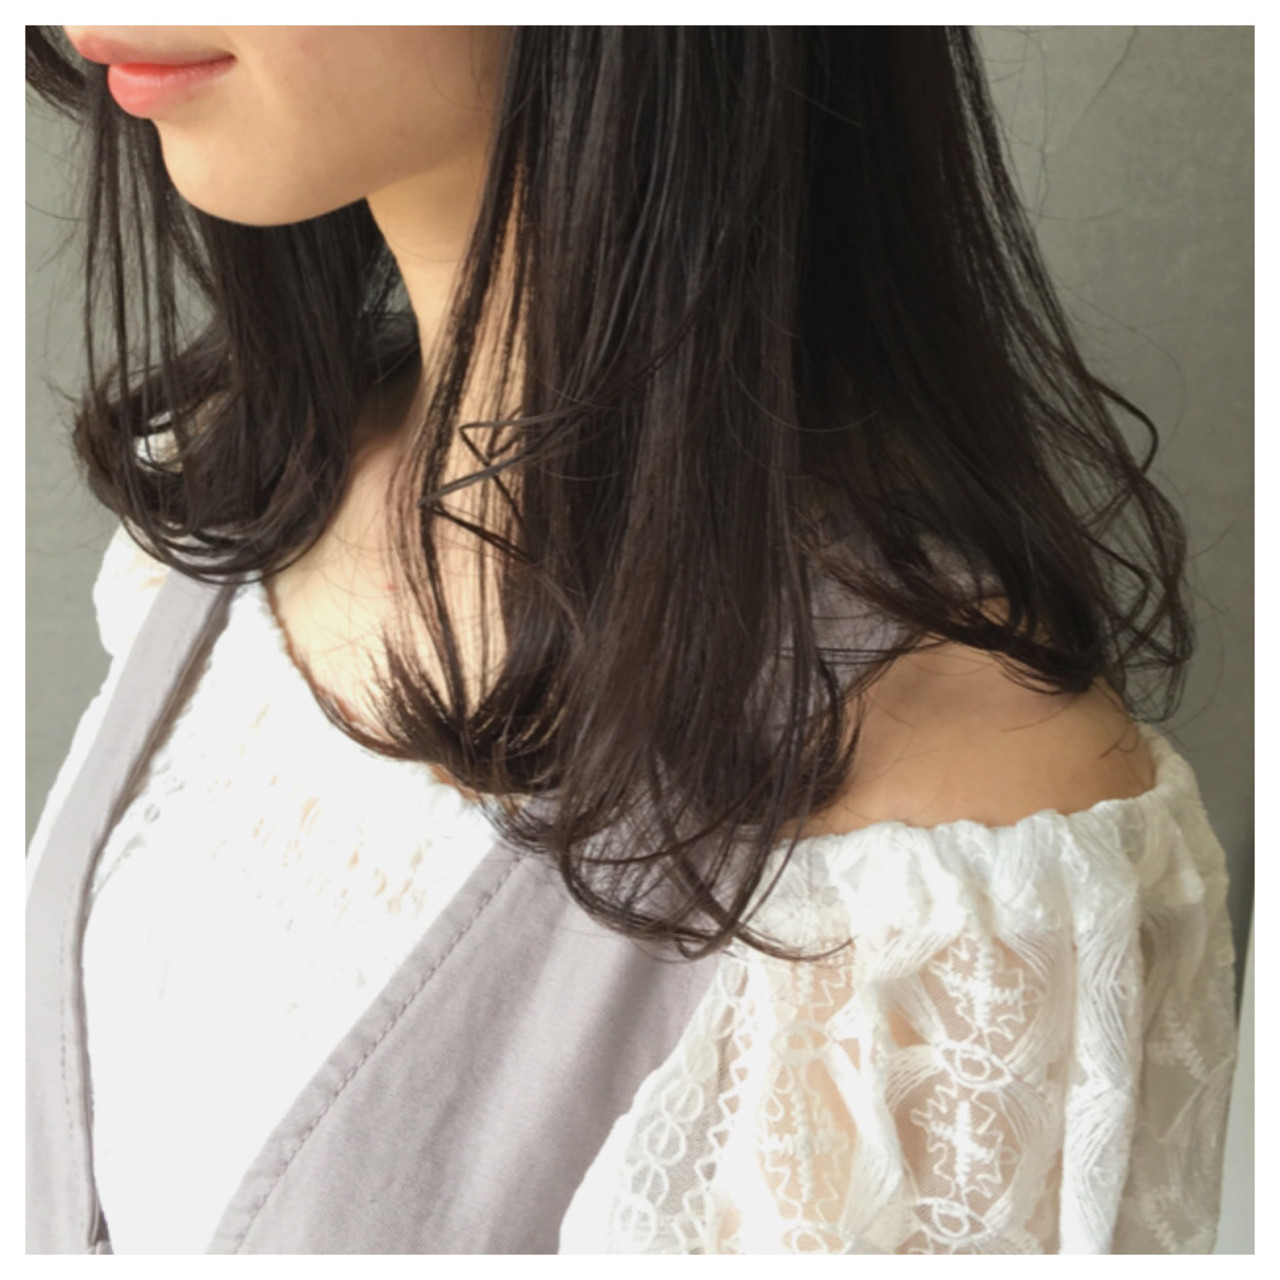 グレージュ ワンカール イルミナカラー 透明感 ヘアスタイルや髪型の写真・画像